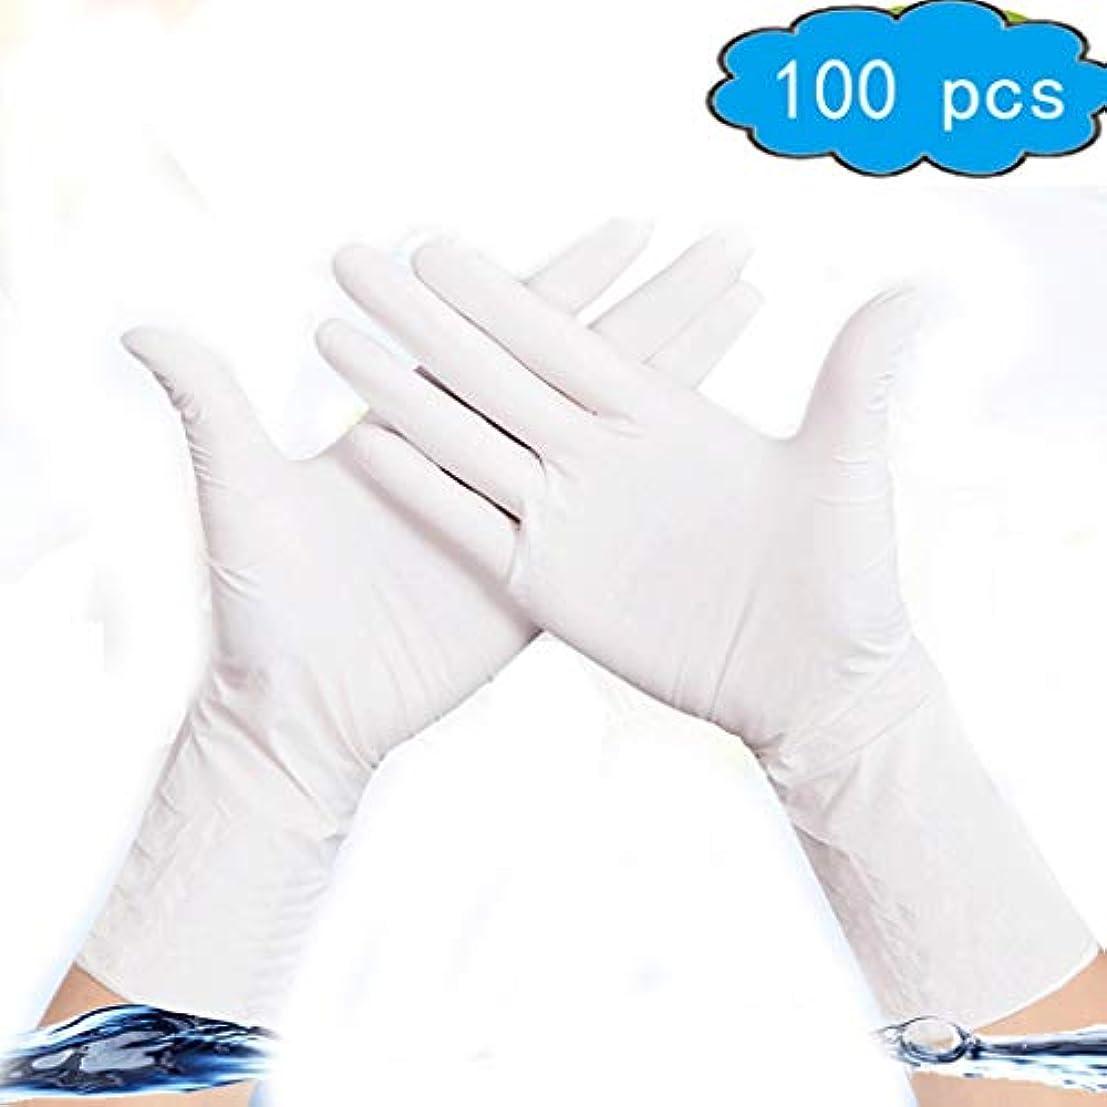 土地海洋のトランク使い捨てニトリル手袋、無粉末、滑らかな肌触り、食品グレード、非滅菌[100パック]、サニタリー手袋、家庭用品、ツール&ホームインプルーブメント (Color : White, Size : XS)